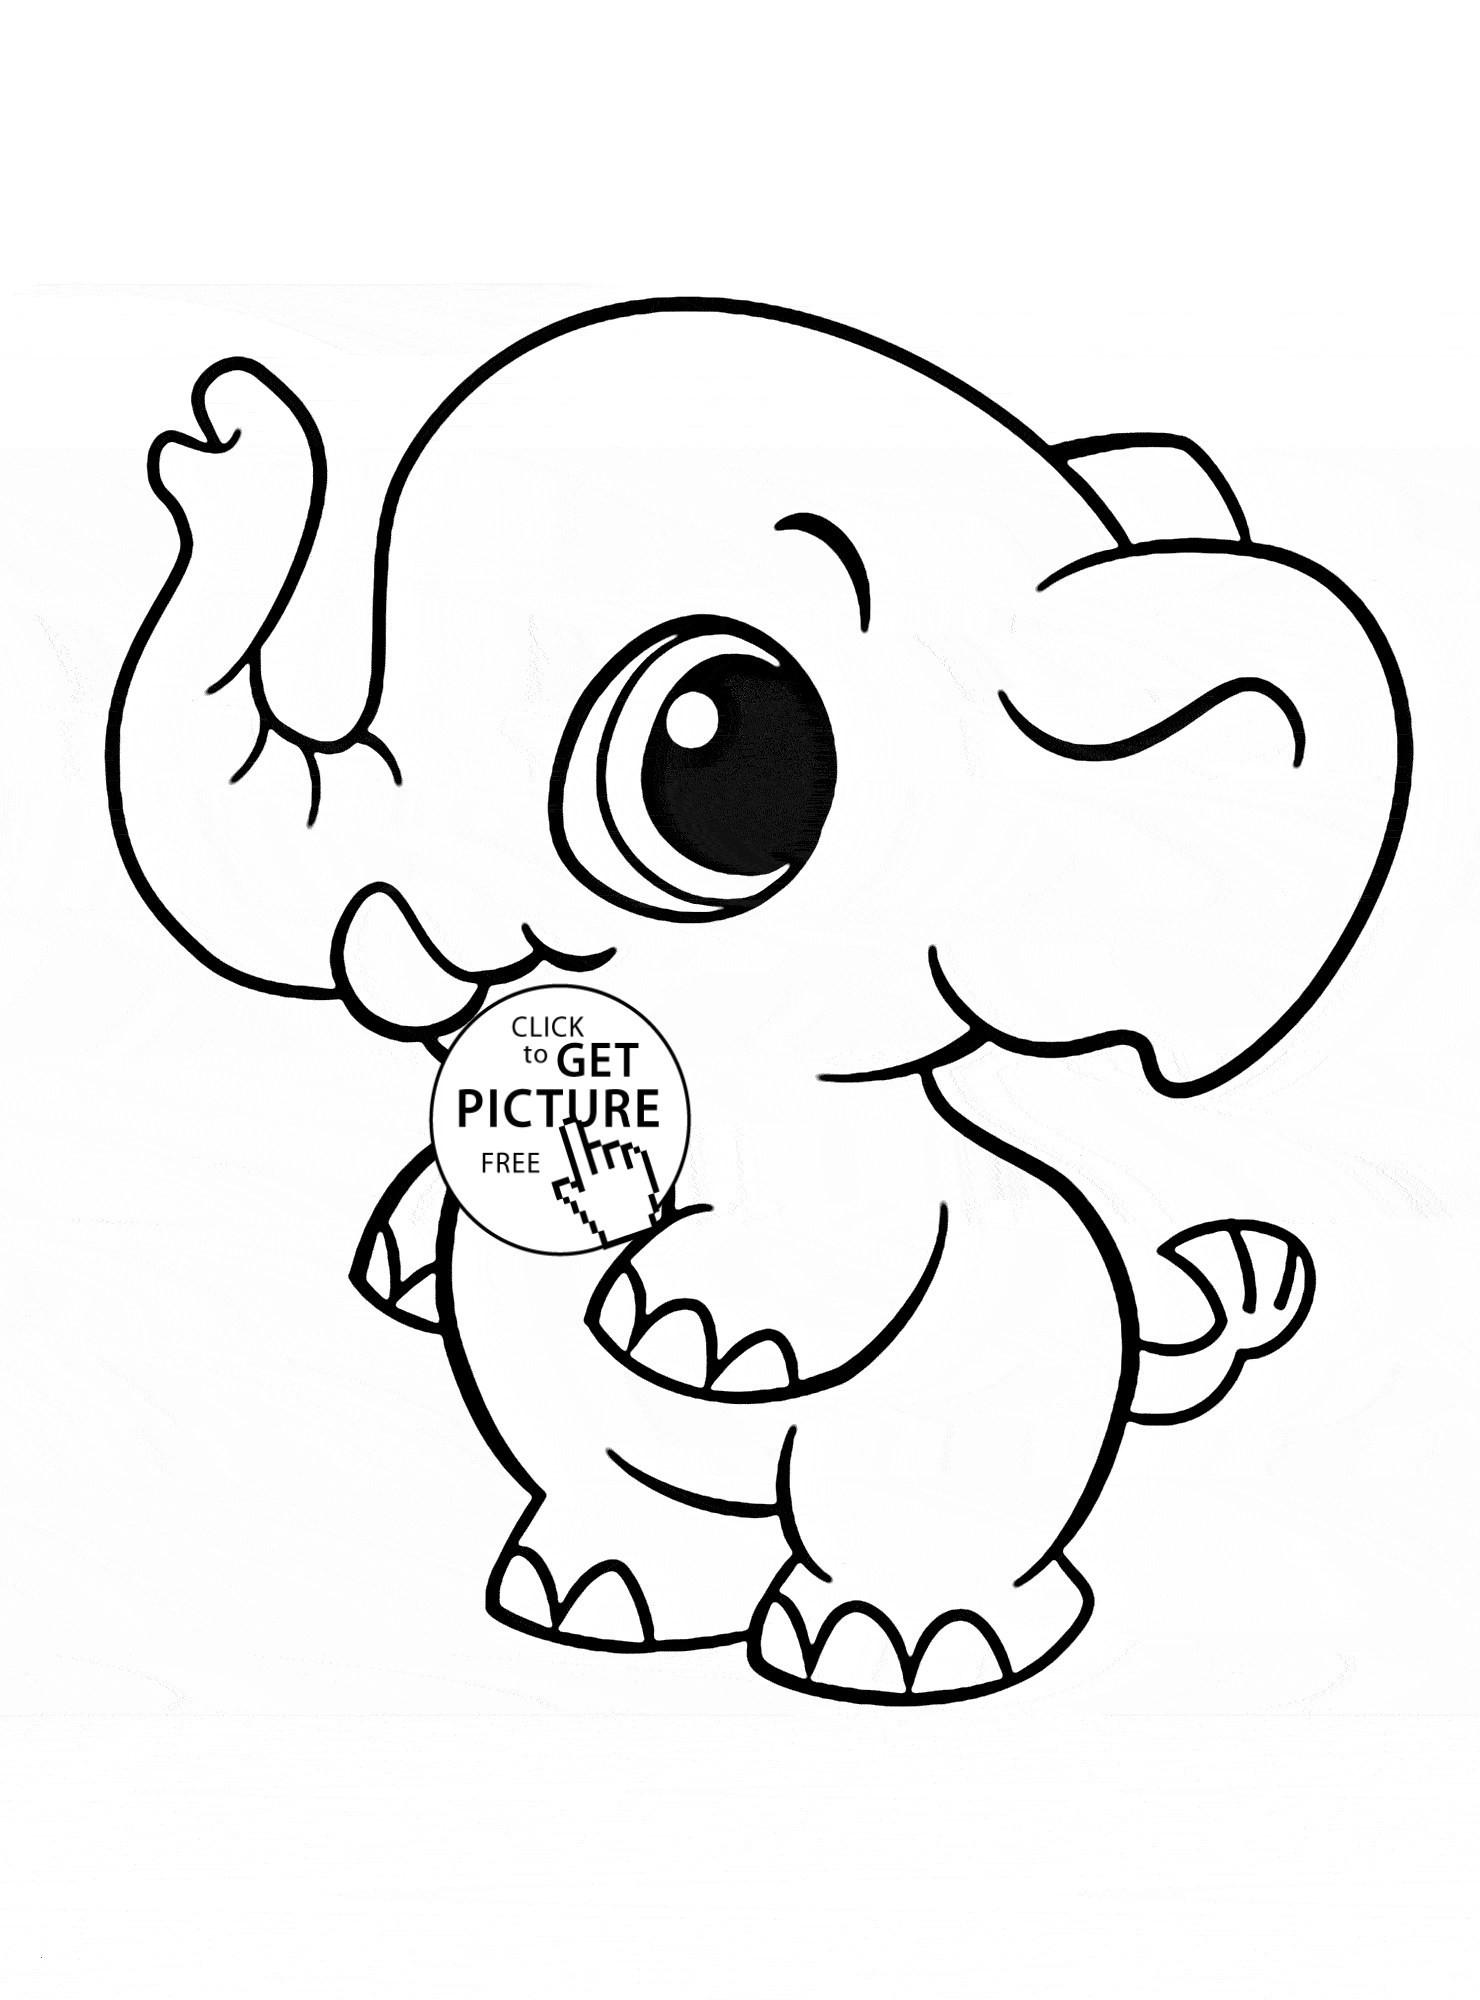 Maus Und Elefant Ausmalbilder Frisch Elefanten Ausdrucke Wundersame Imagen Relacionada Pinturas Genial Stock